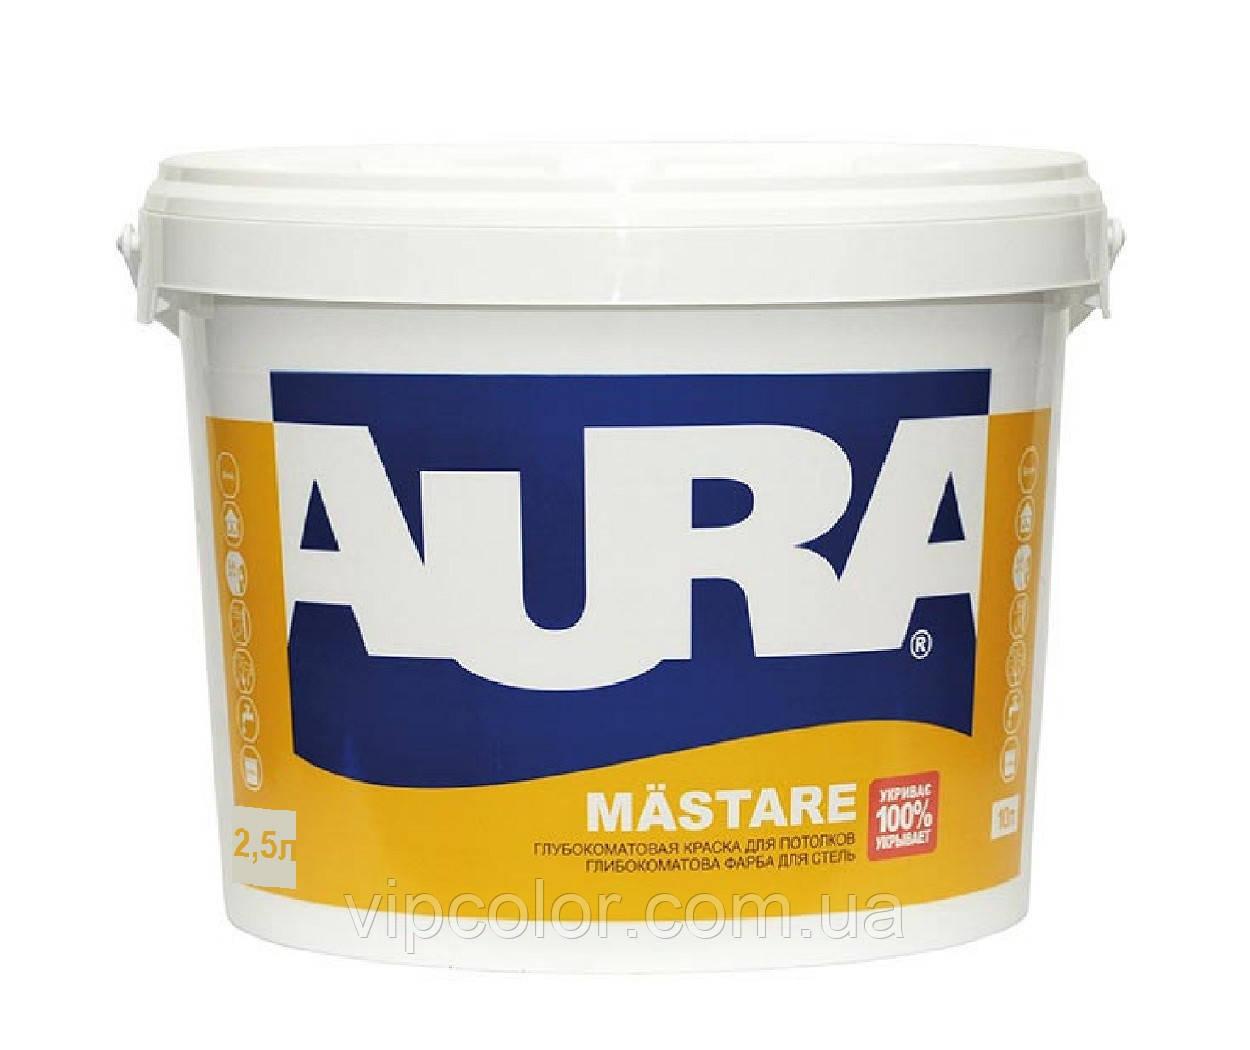 Aura Mastare 2,5л белая краска глубокоматовая для потолков и стен арт.4820166520190